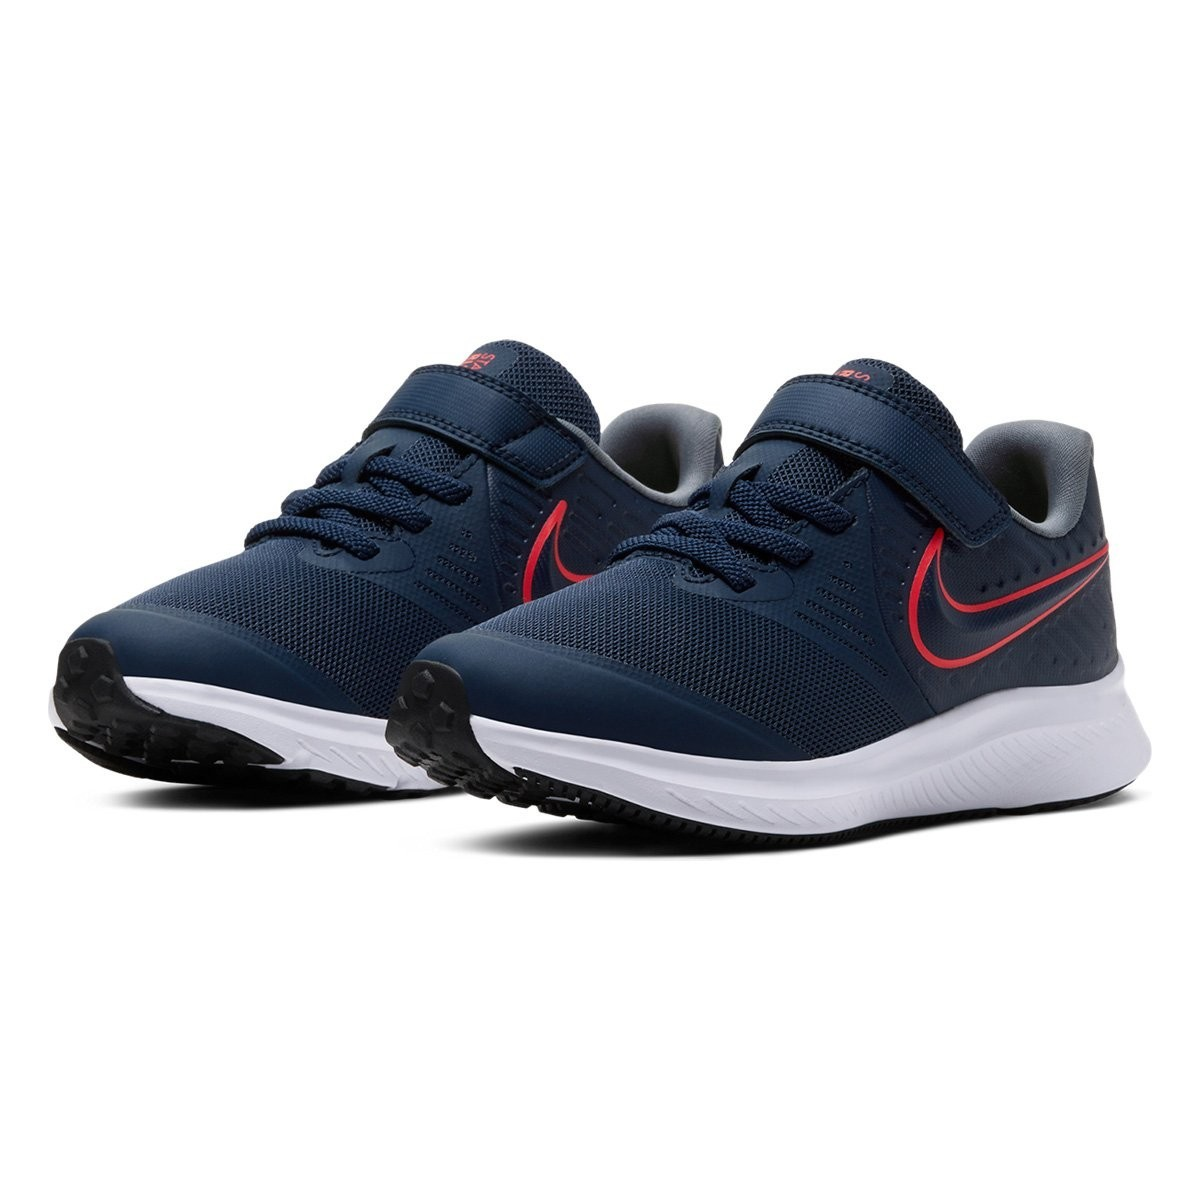 Tenis Nike Star Runner 2 Esportivo Infantil Masculino